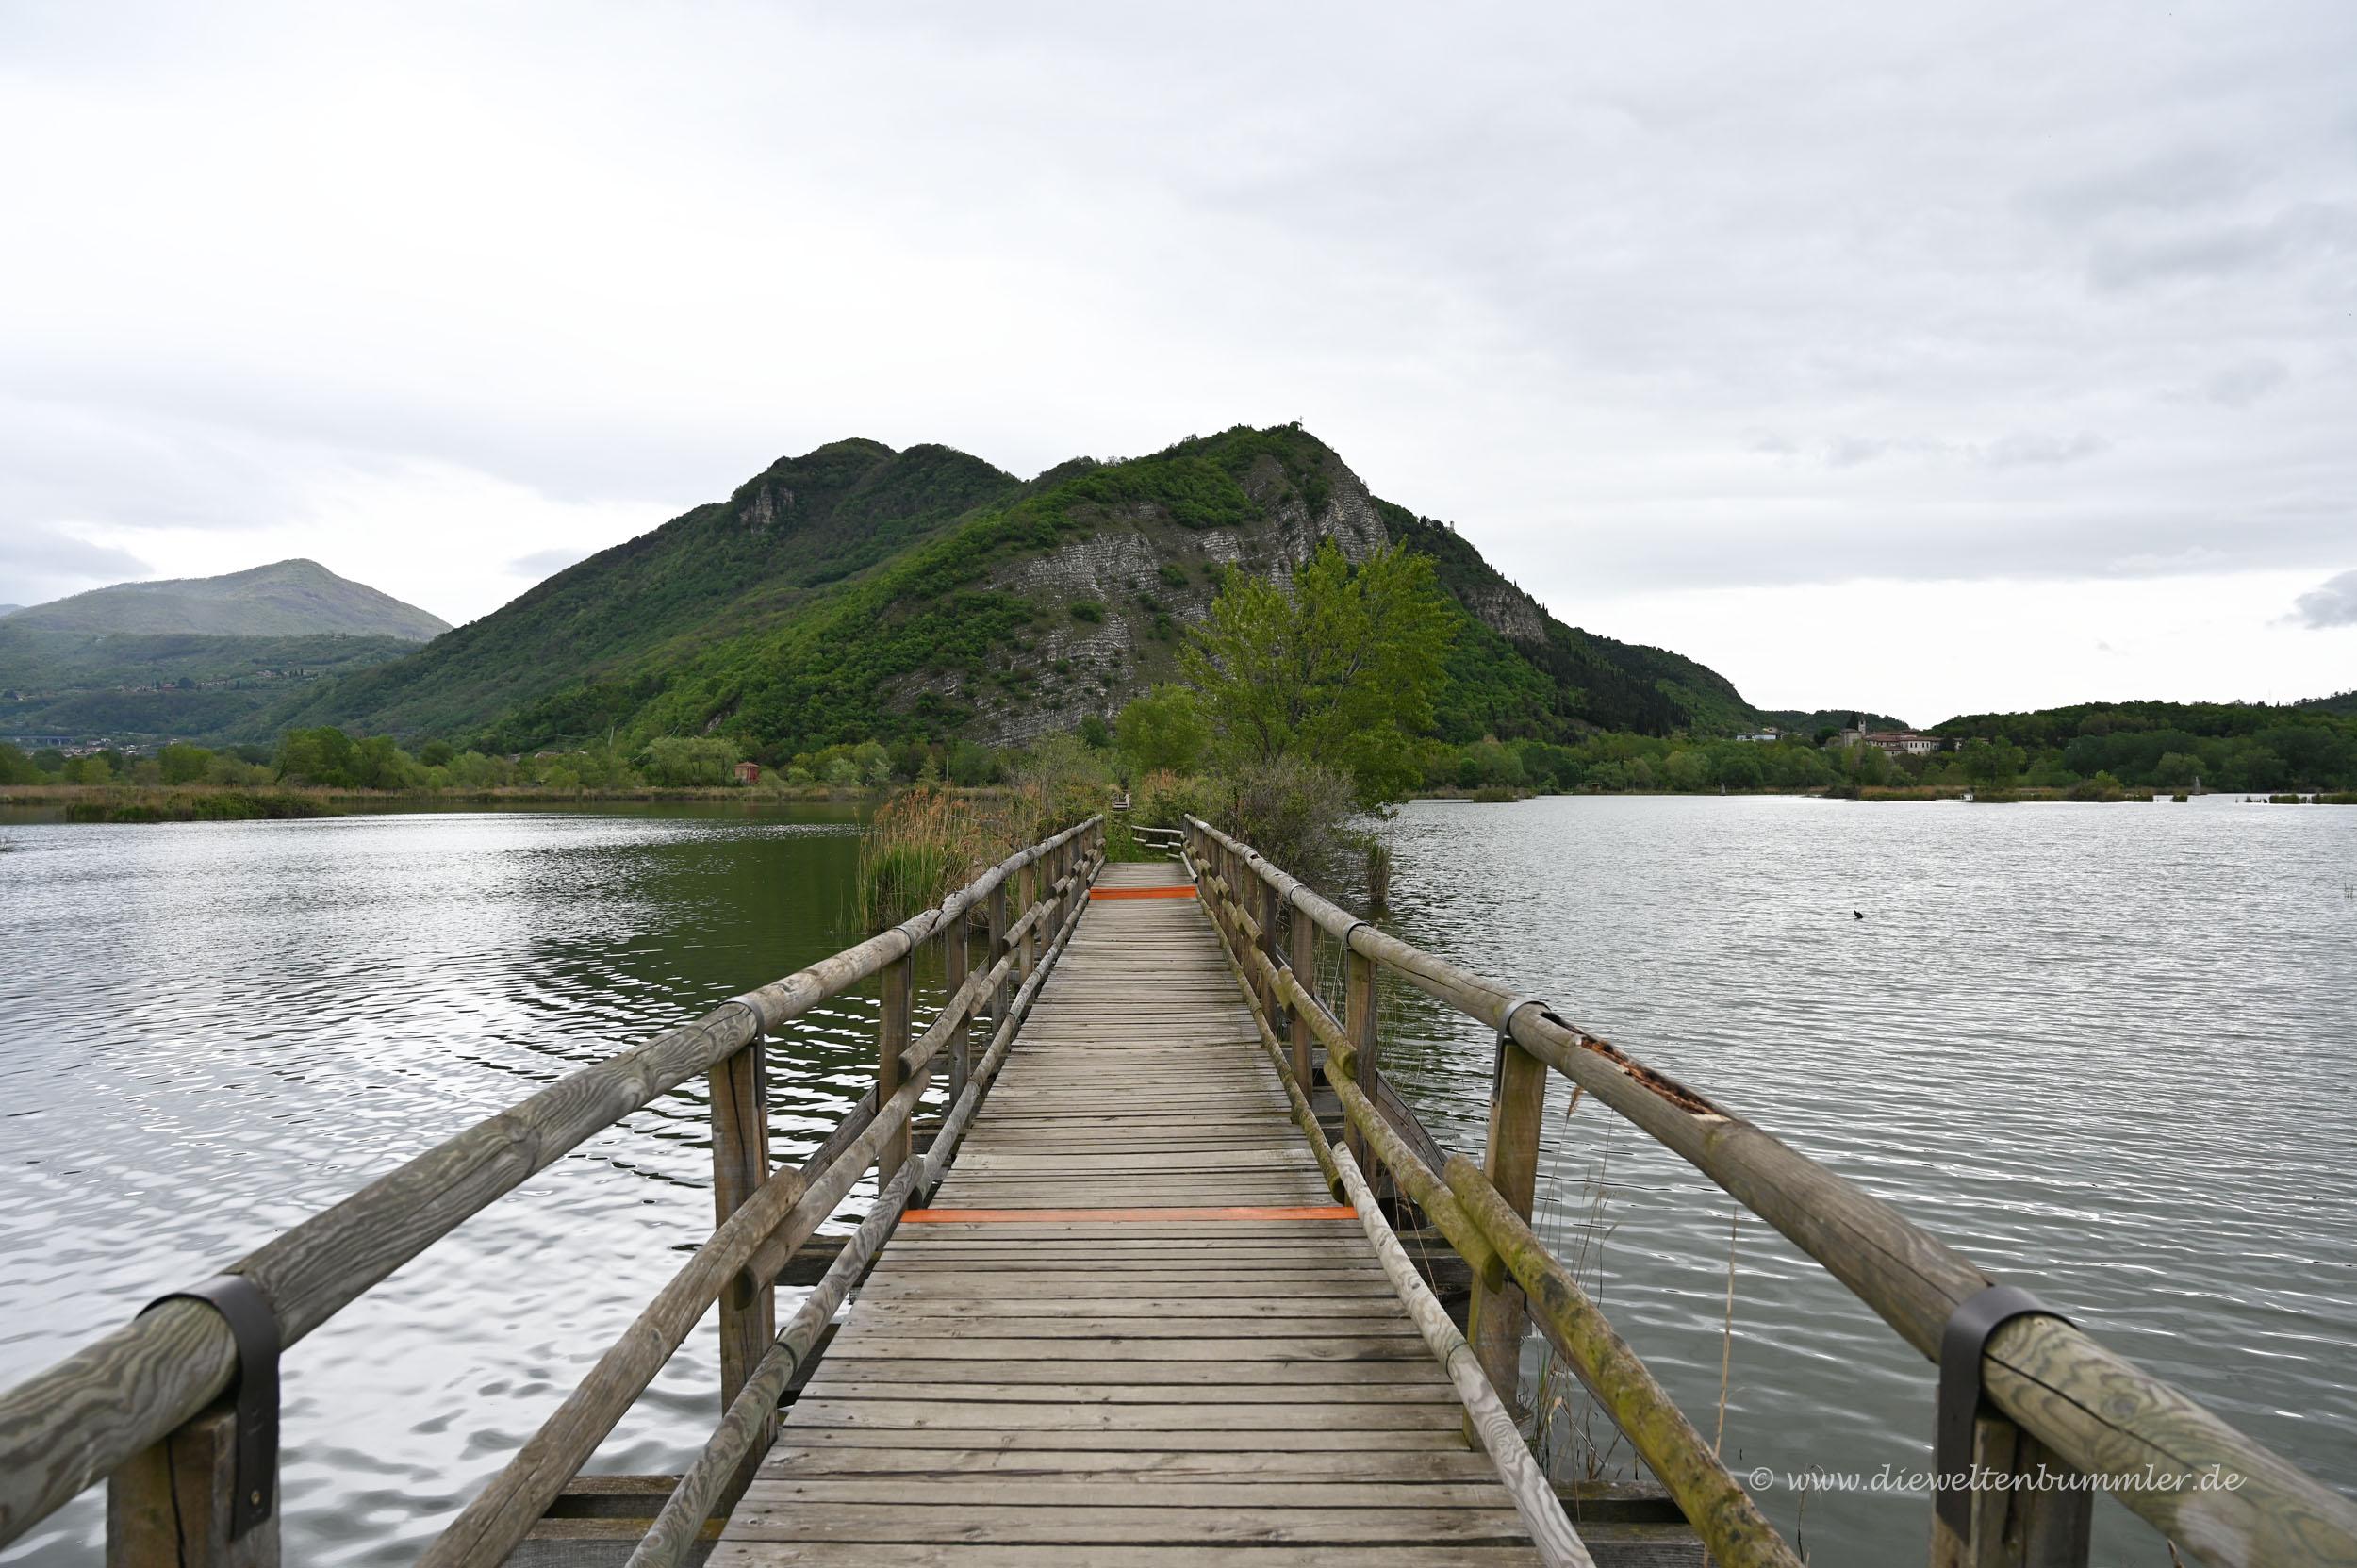 Spazierweg im Naturreservat